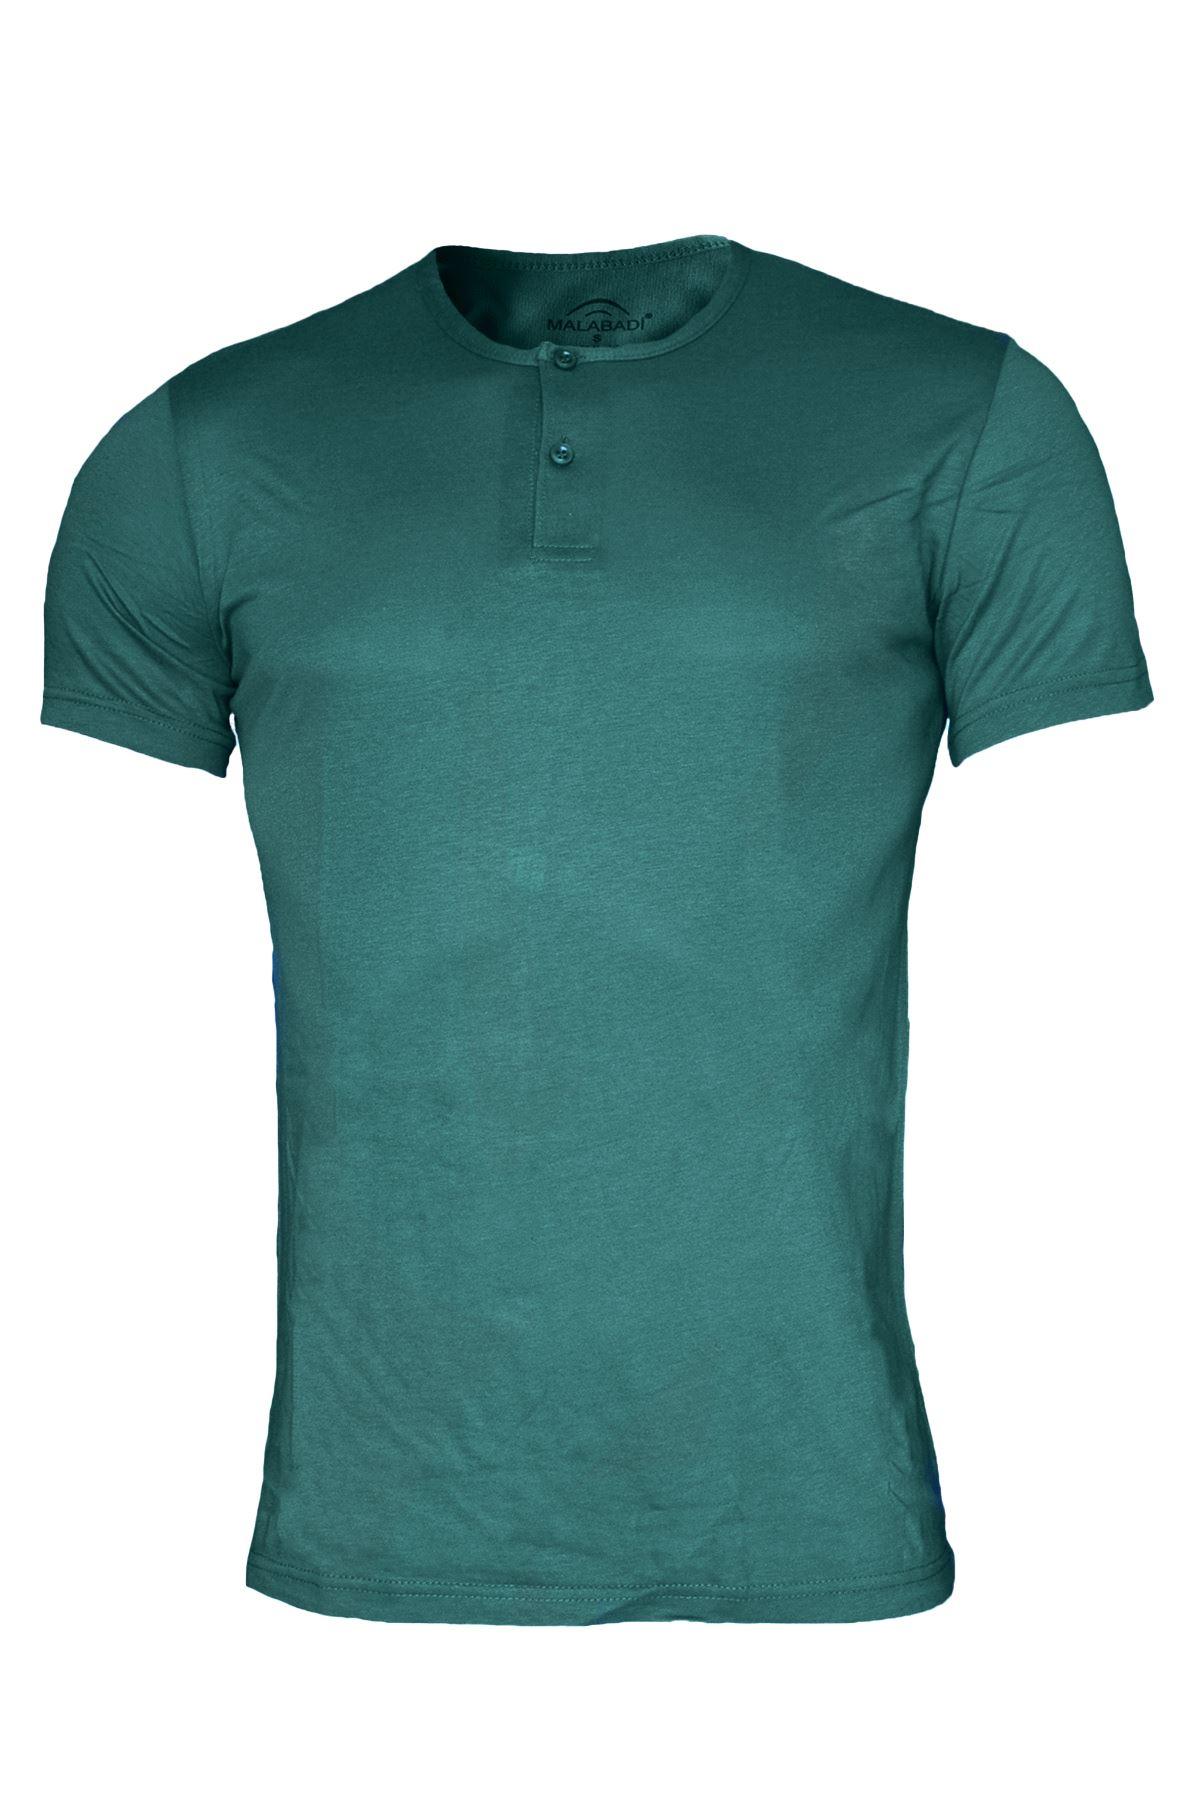 Yeşil Erkek Düğmeli Yaka Yaz Serinliği Tshirt 083